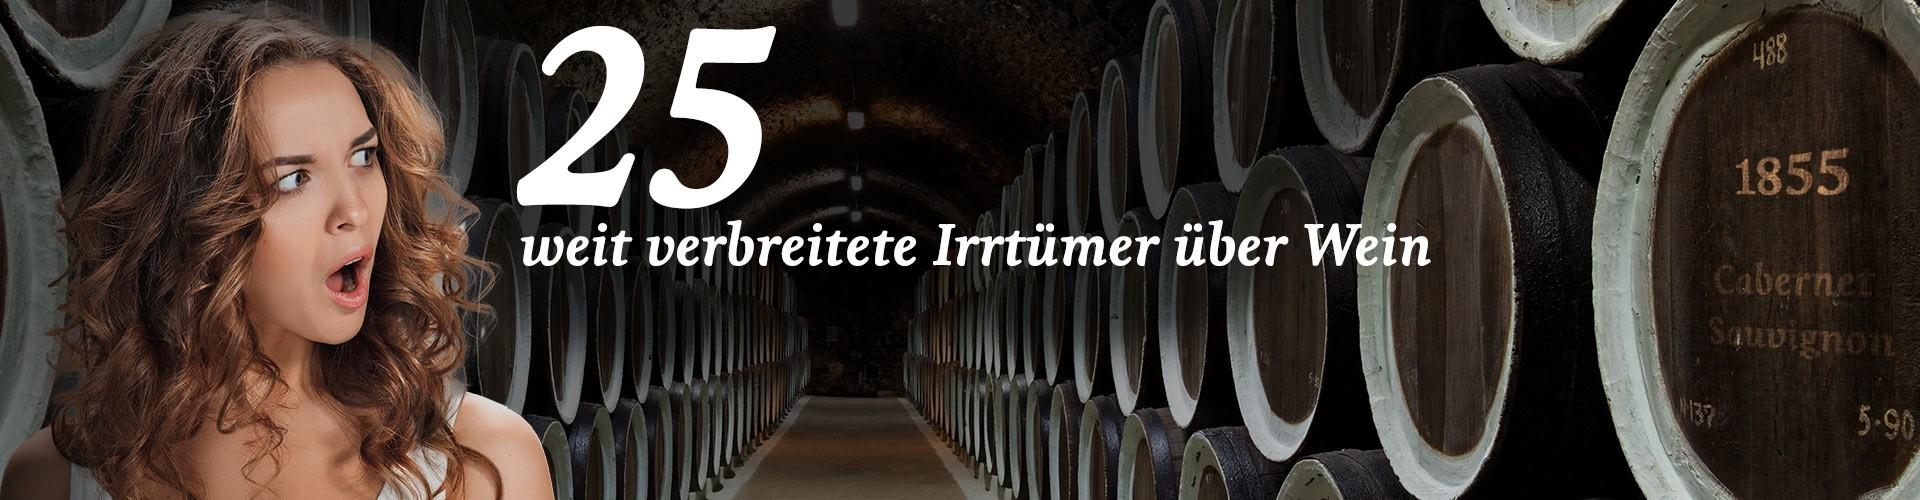 25 Irrtümer über Wein Header